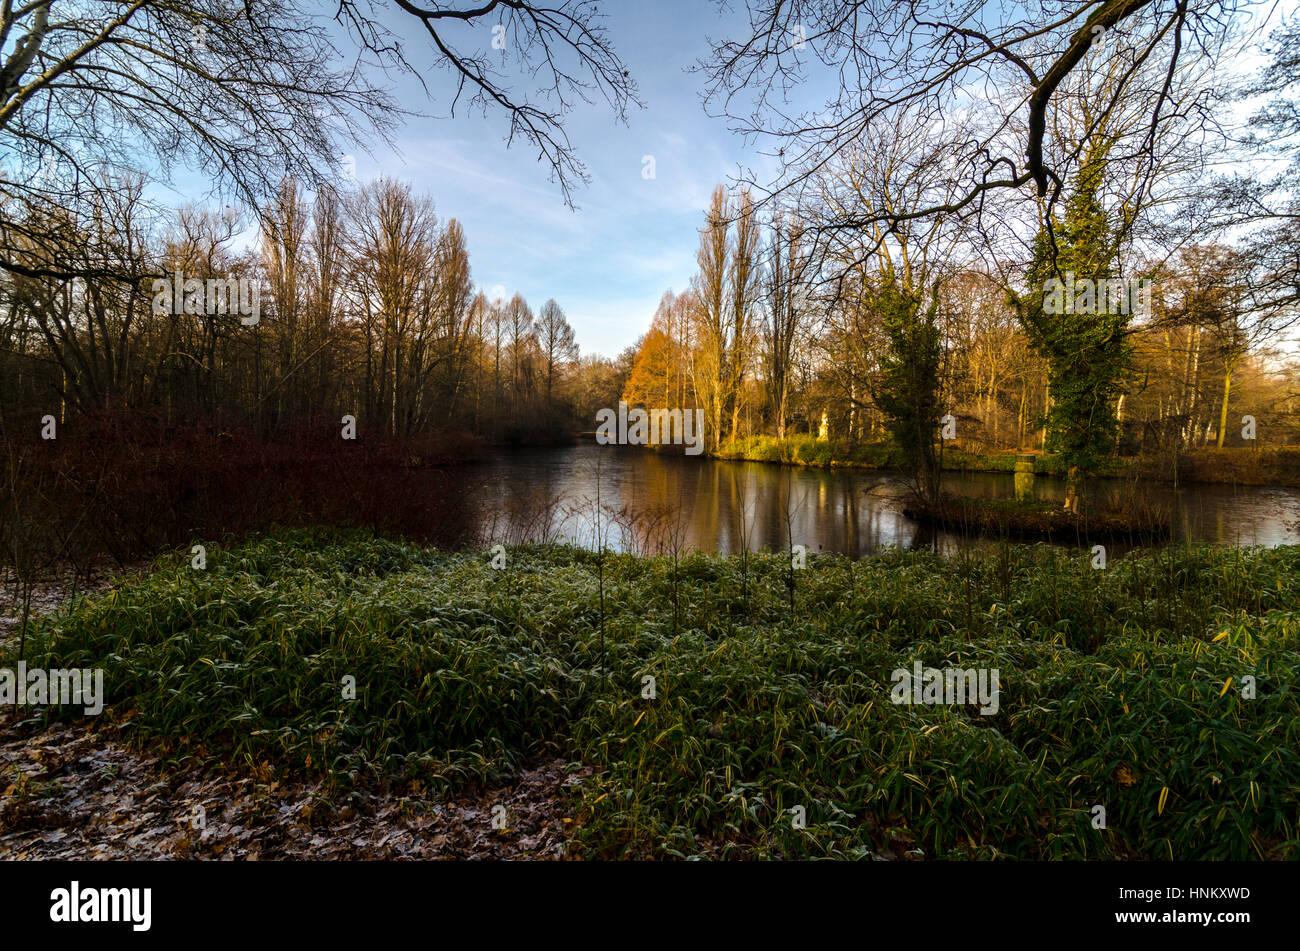 Tiergarten, Berlin, Germany - Stock Image